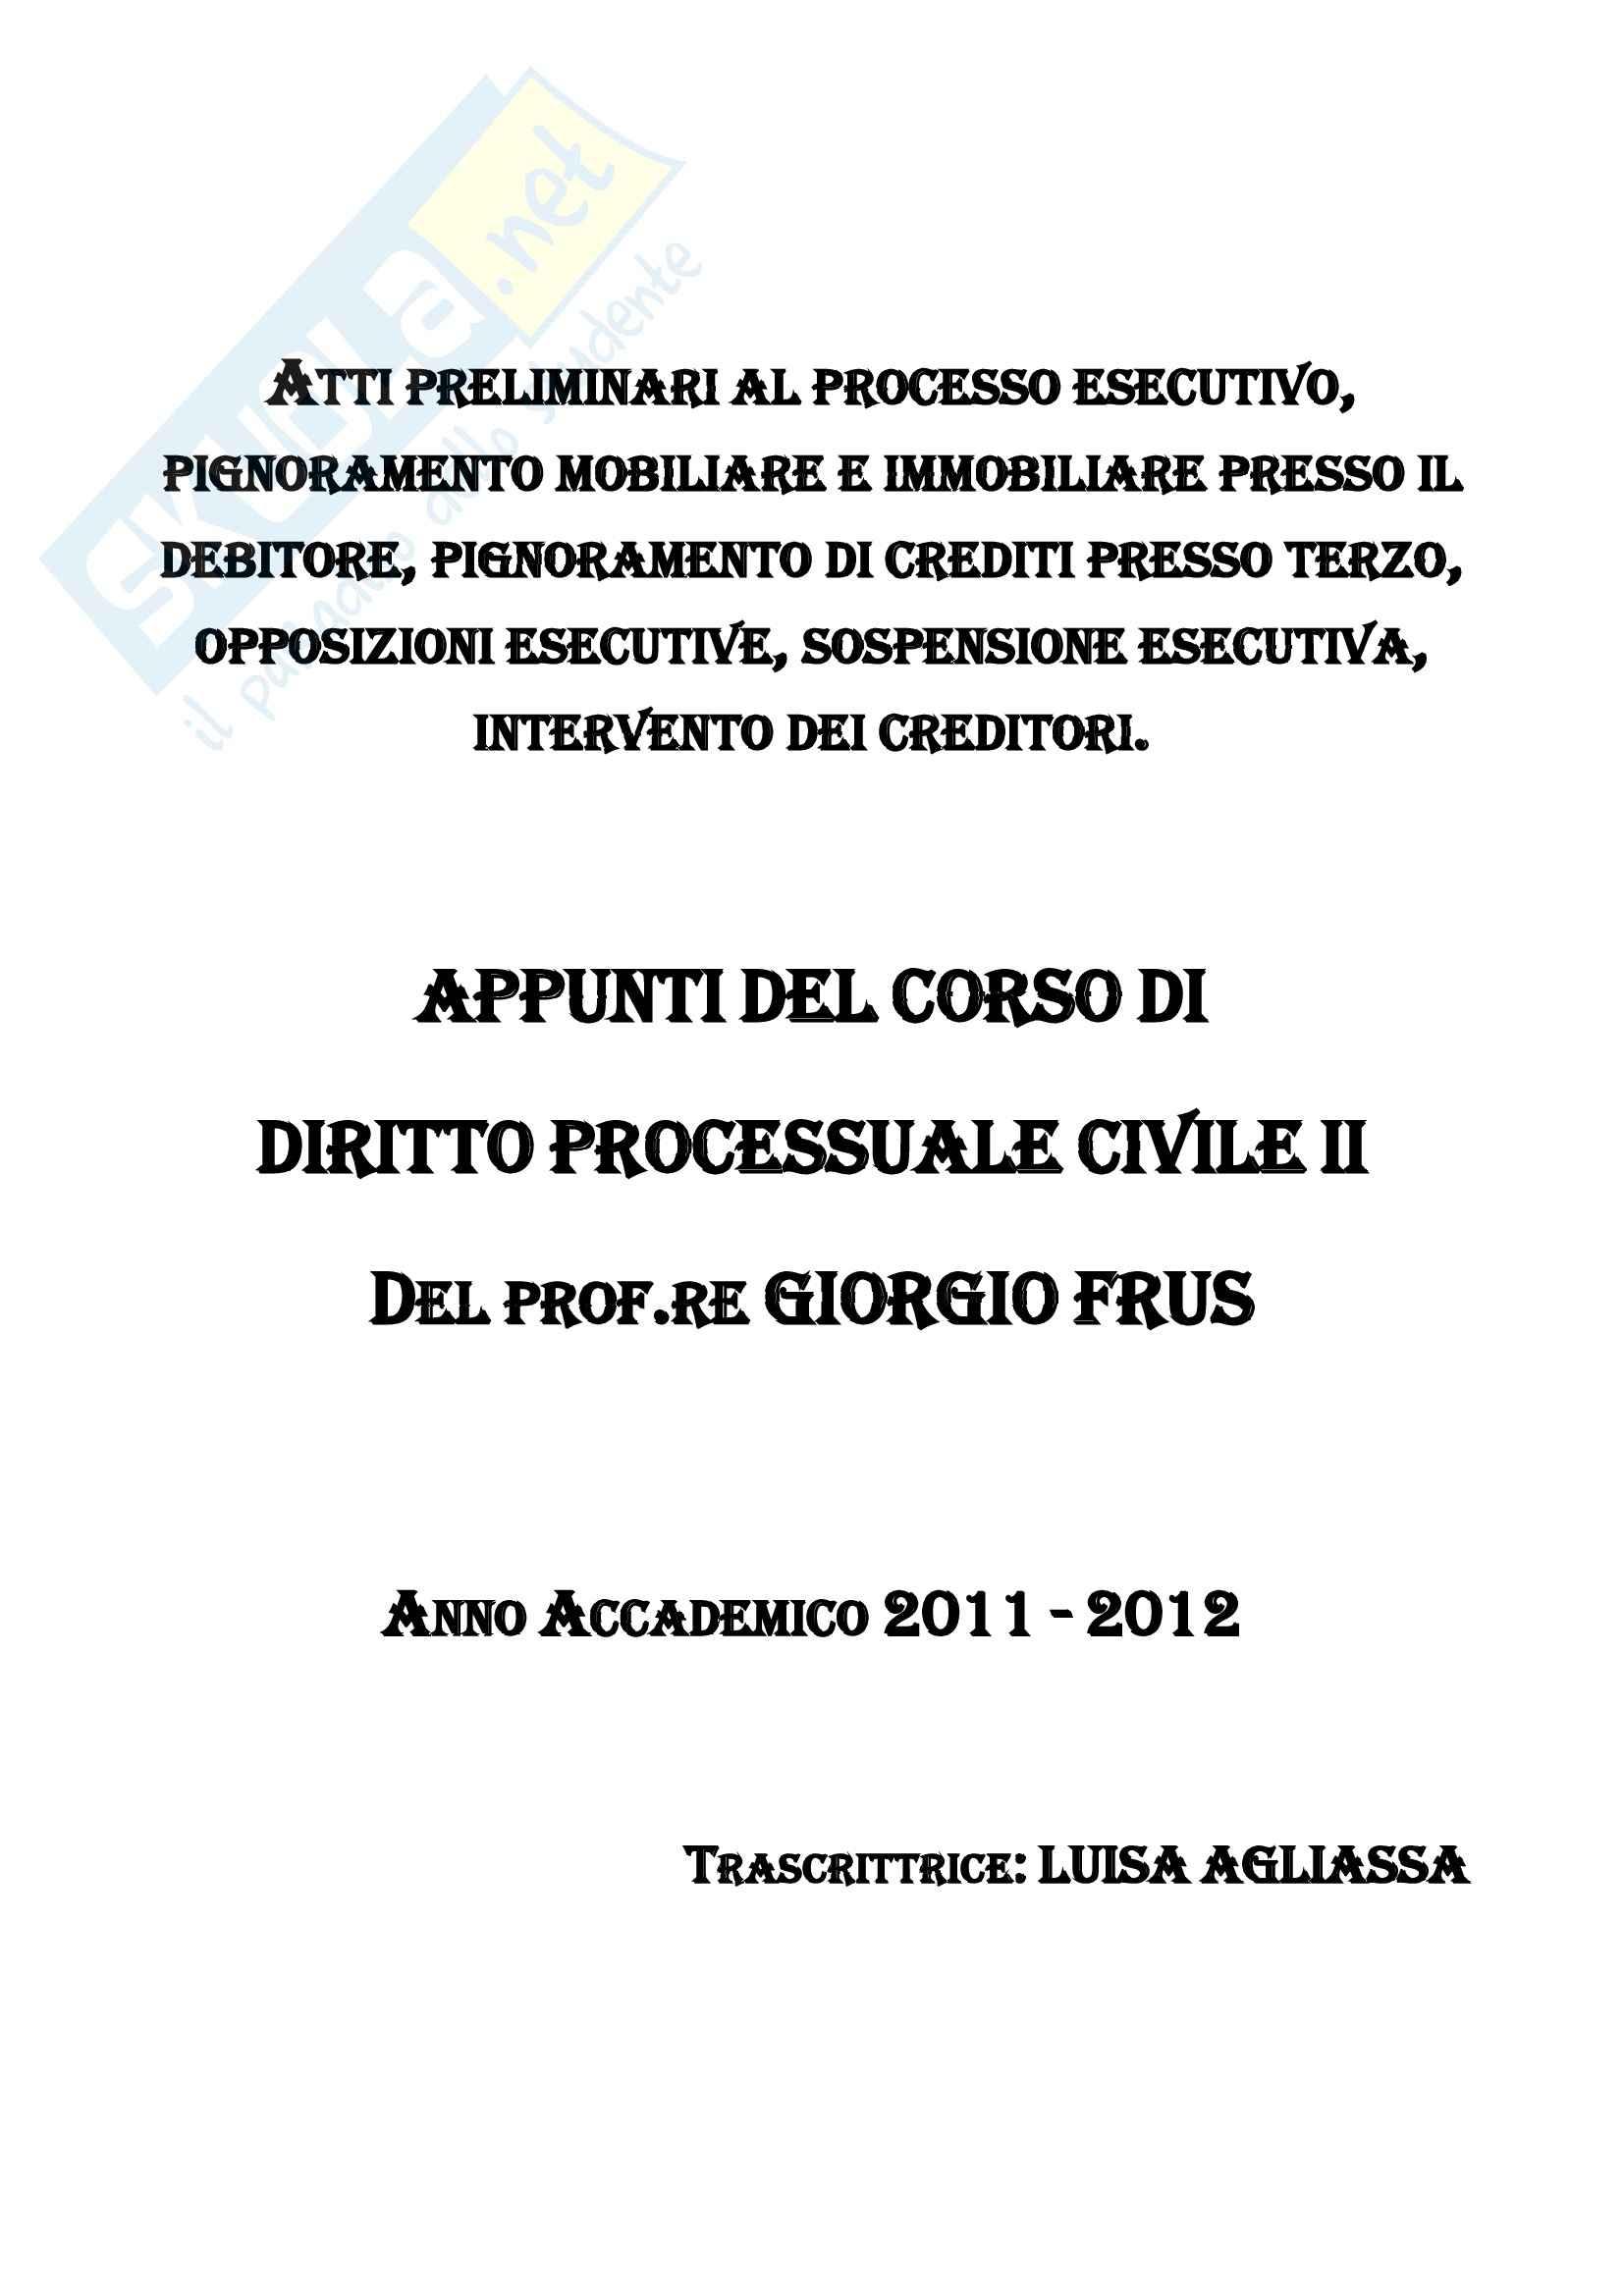 PROCEDURA CIVILE - Processo di esecuzione ex libro III CPC